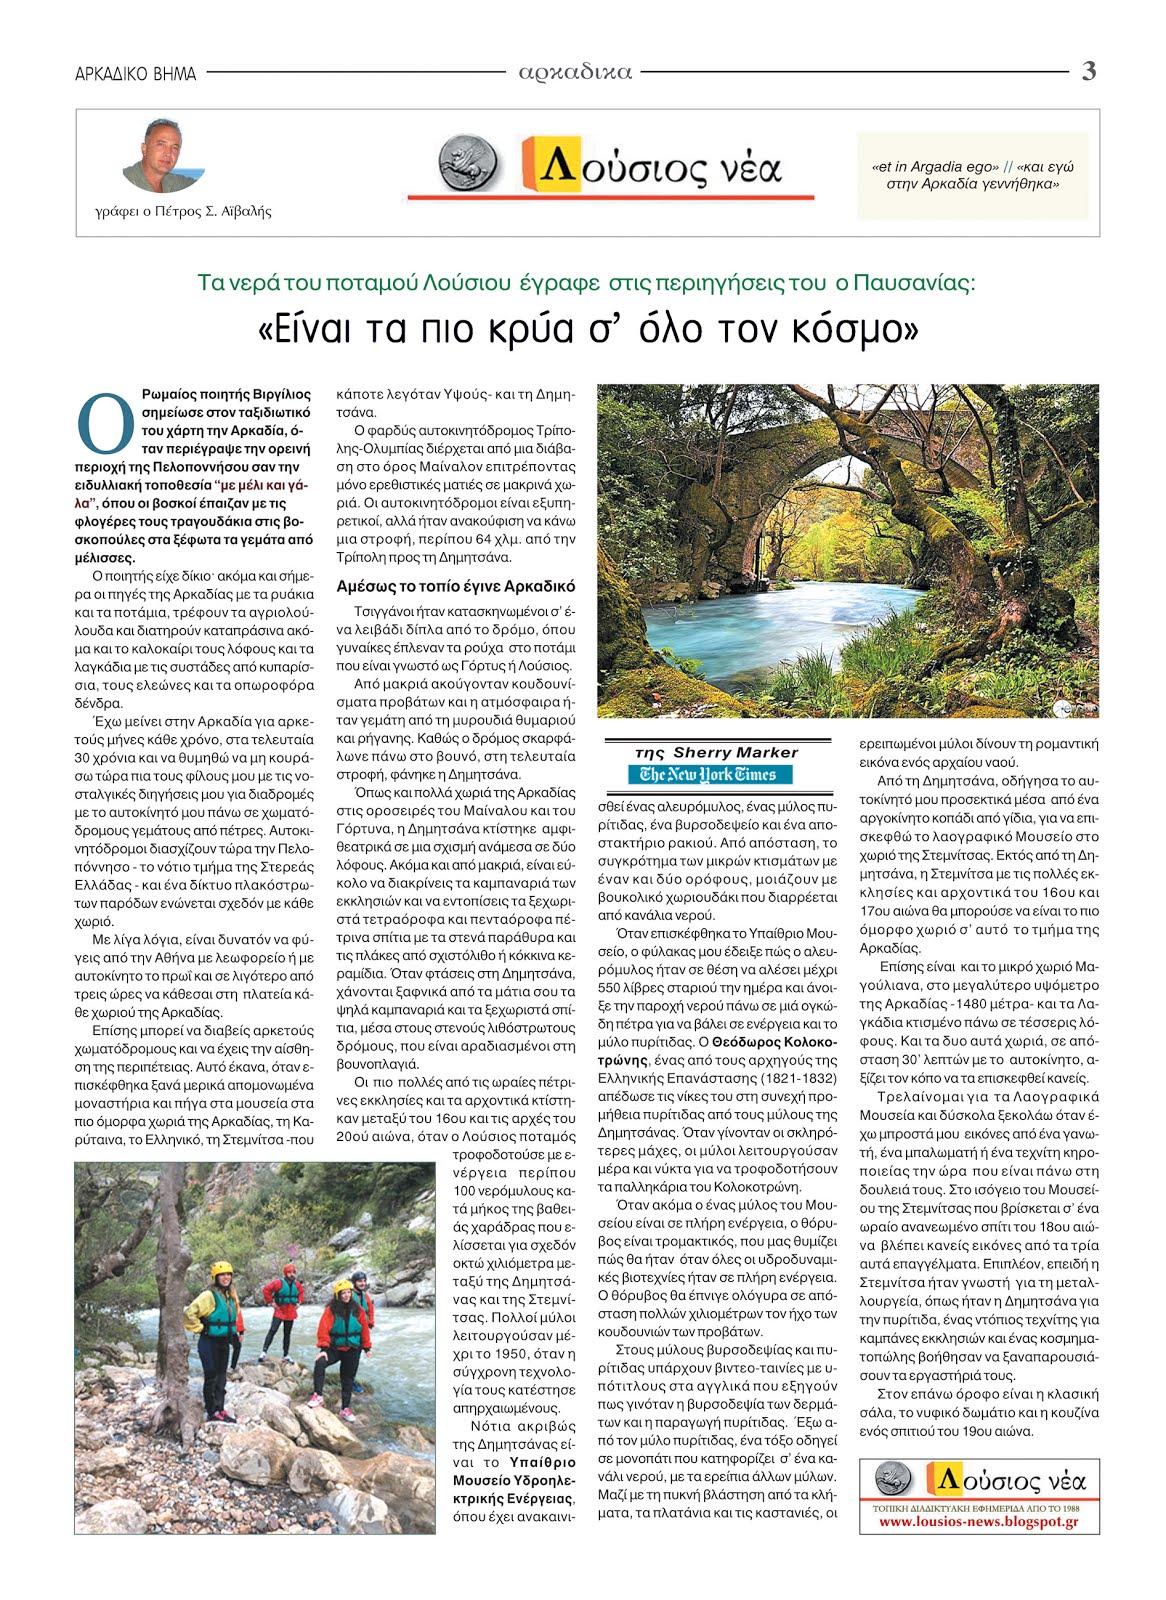 """""""Λούσιος Νέα"""" - Τα νερά του ποταμού Λούσιου έγραφε ο Παυσανίας: """"Είναι τα πιο κρύα σ' όλο τον κόσμο"""